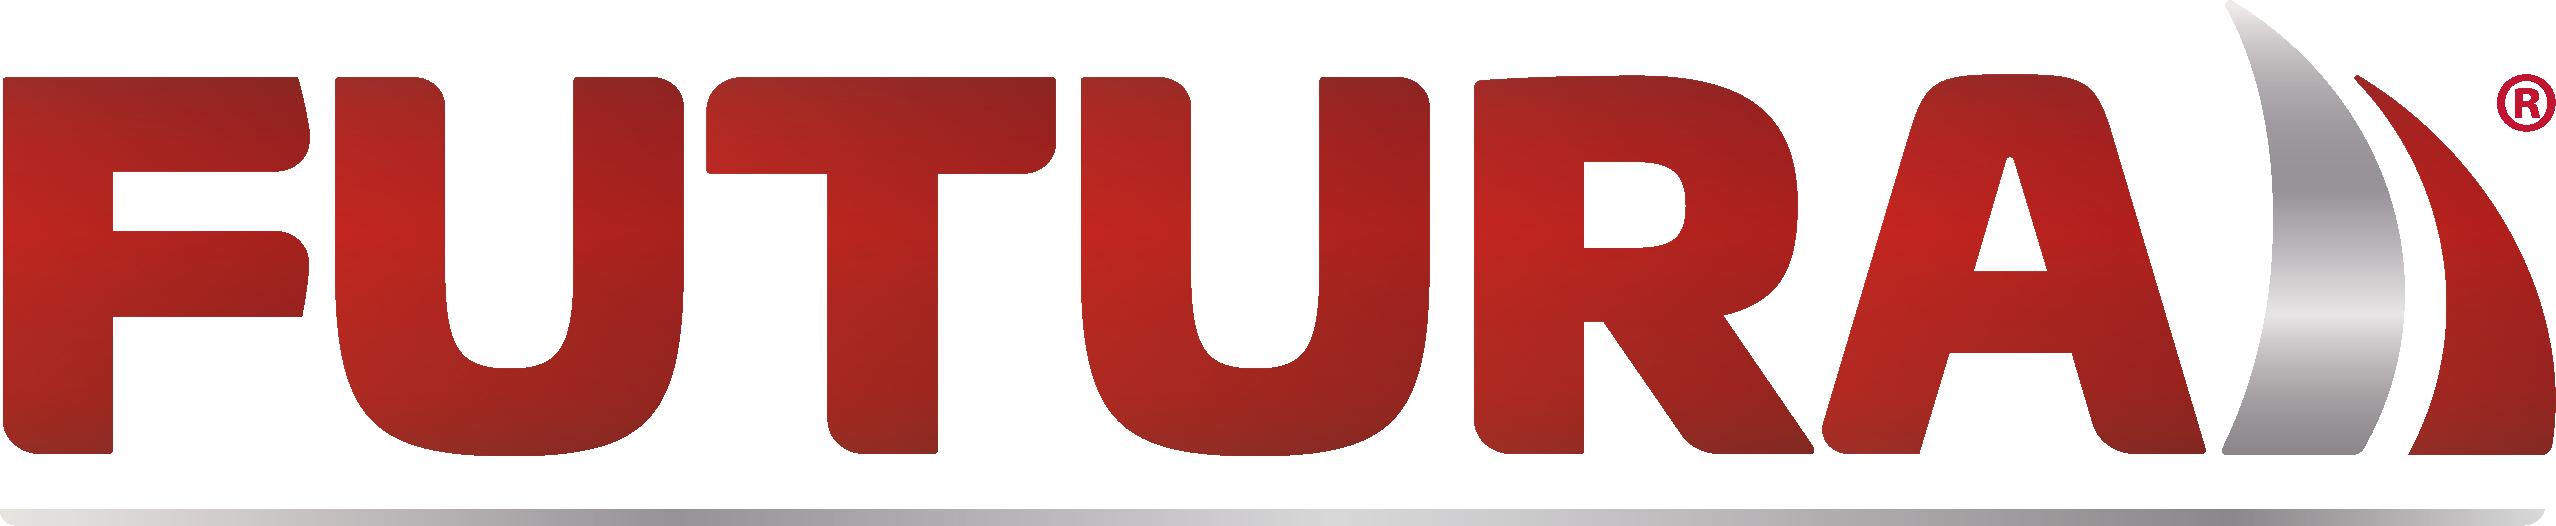 Logo Futura GDO (Grande Distribuzione Organizzata)